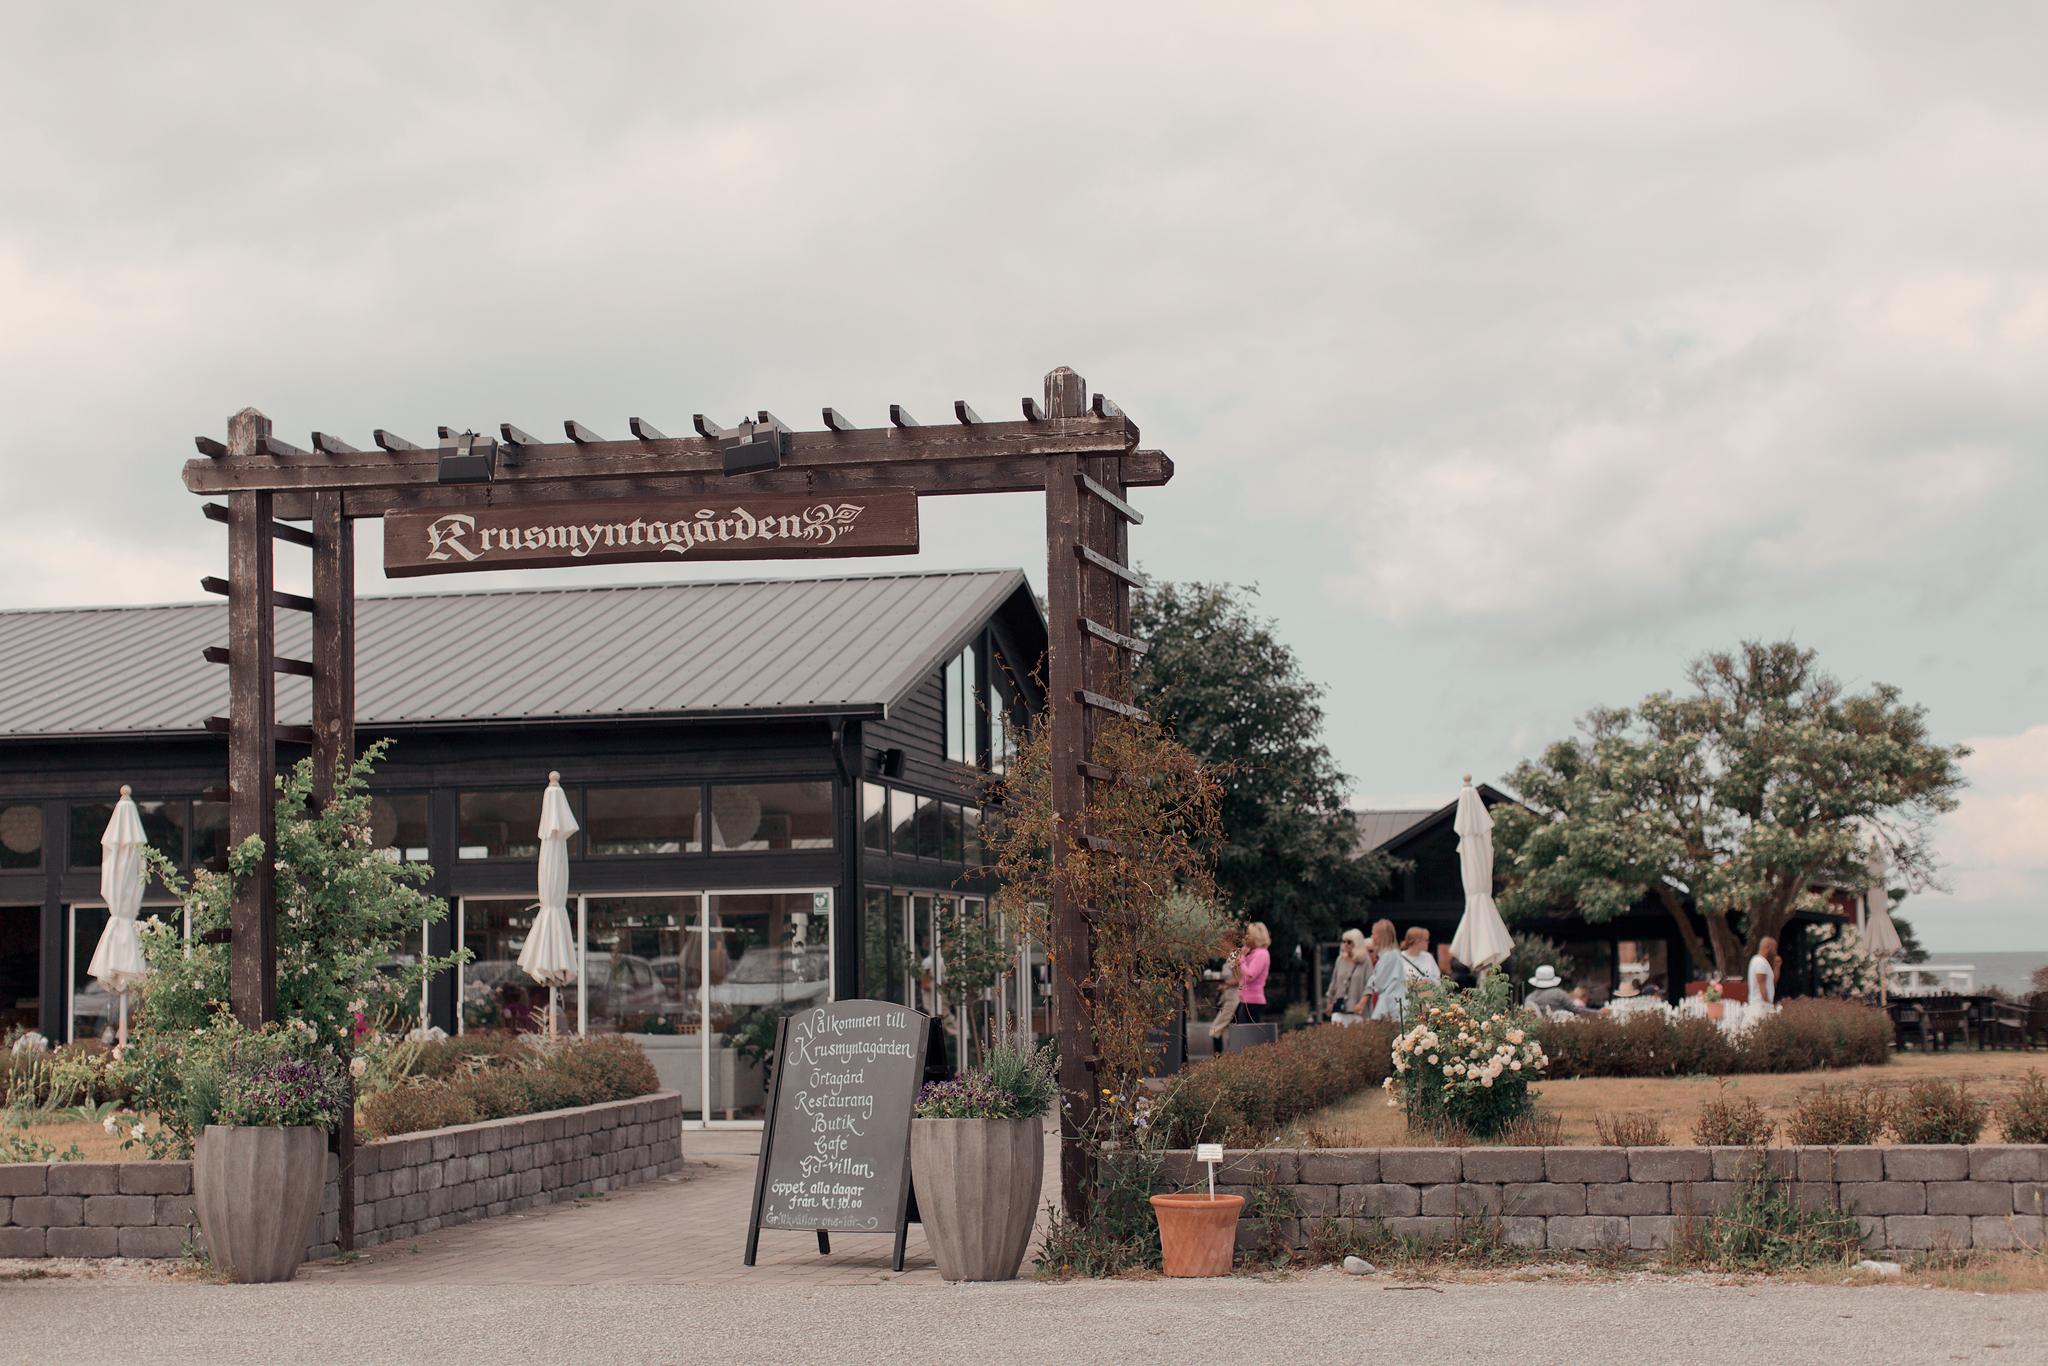 Krusmyntagården - 35 platser du inte får missa på Gotland